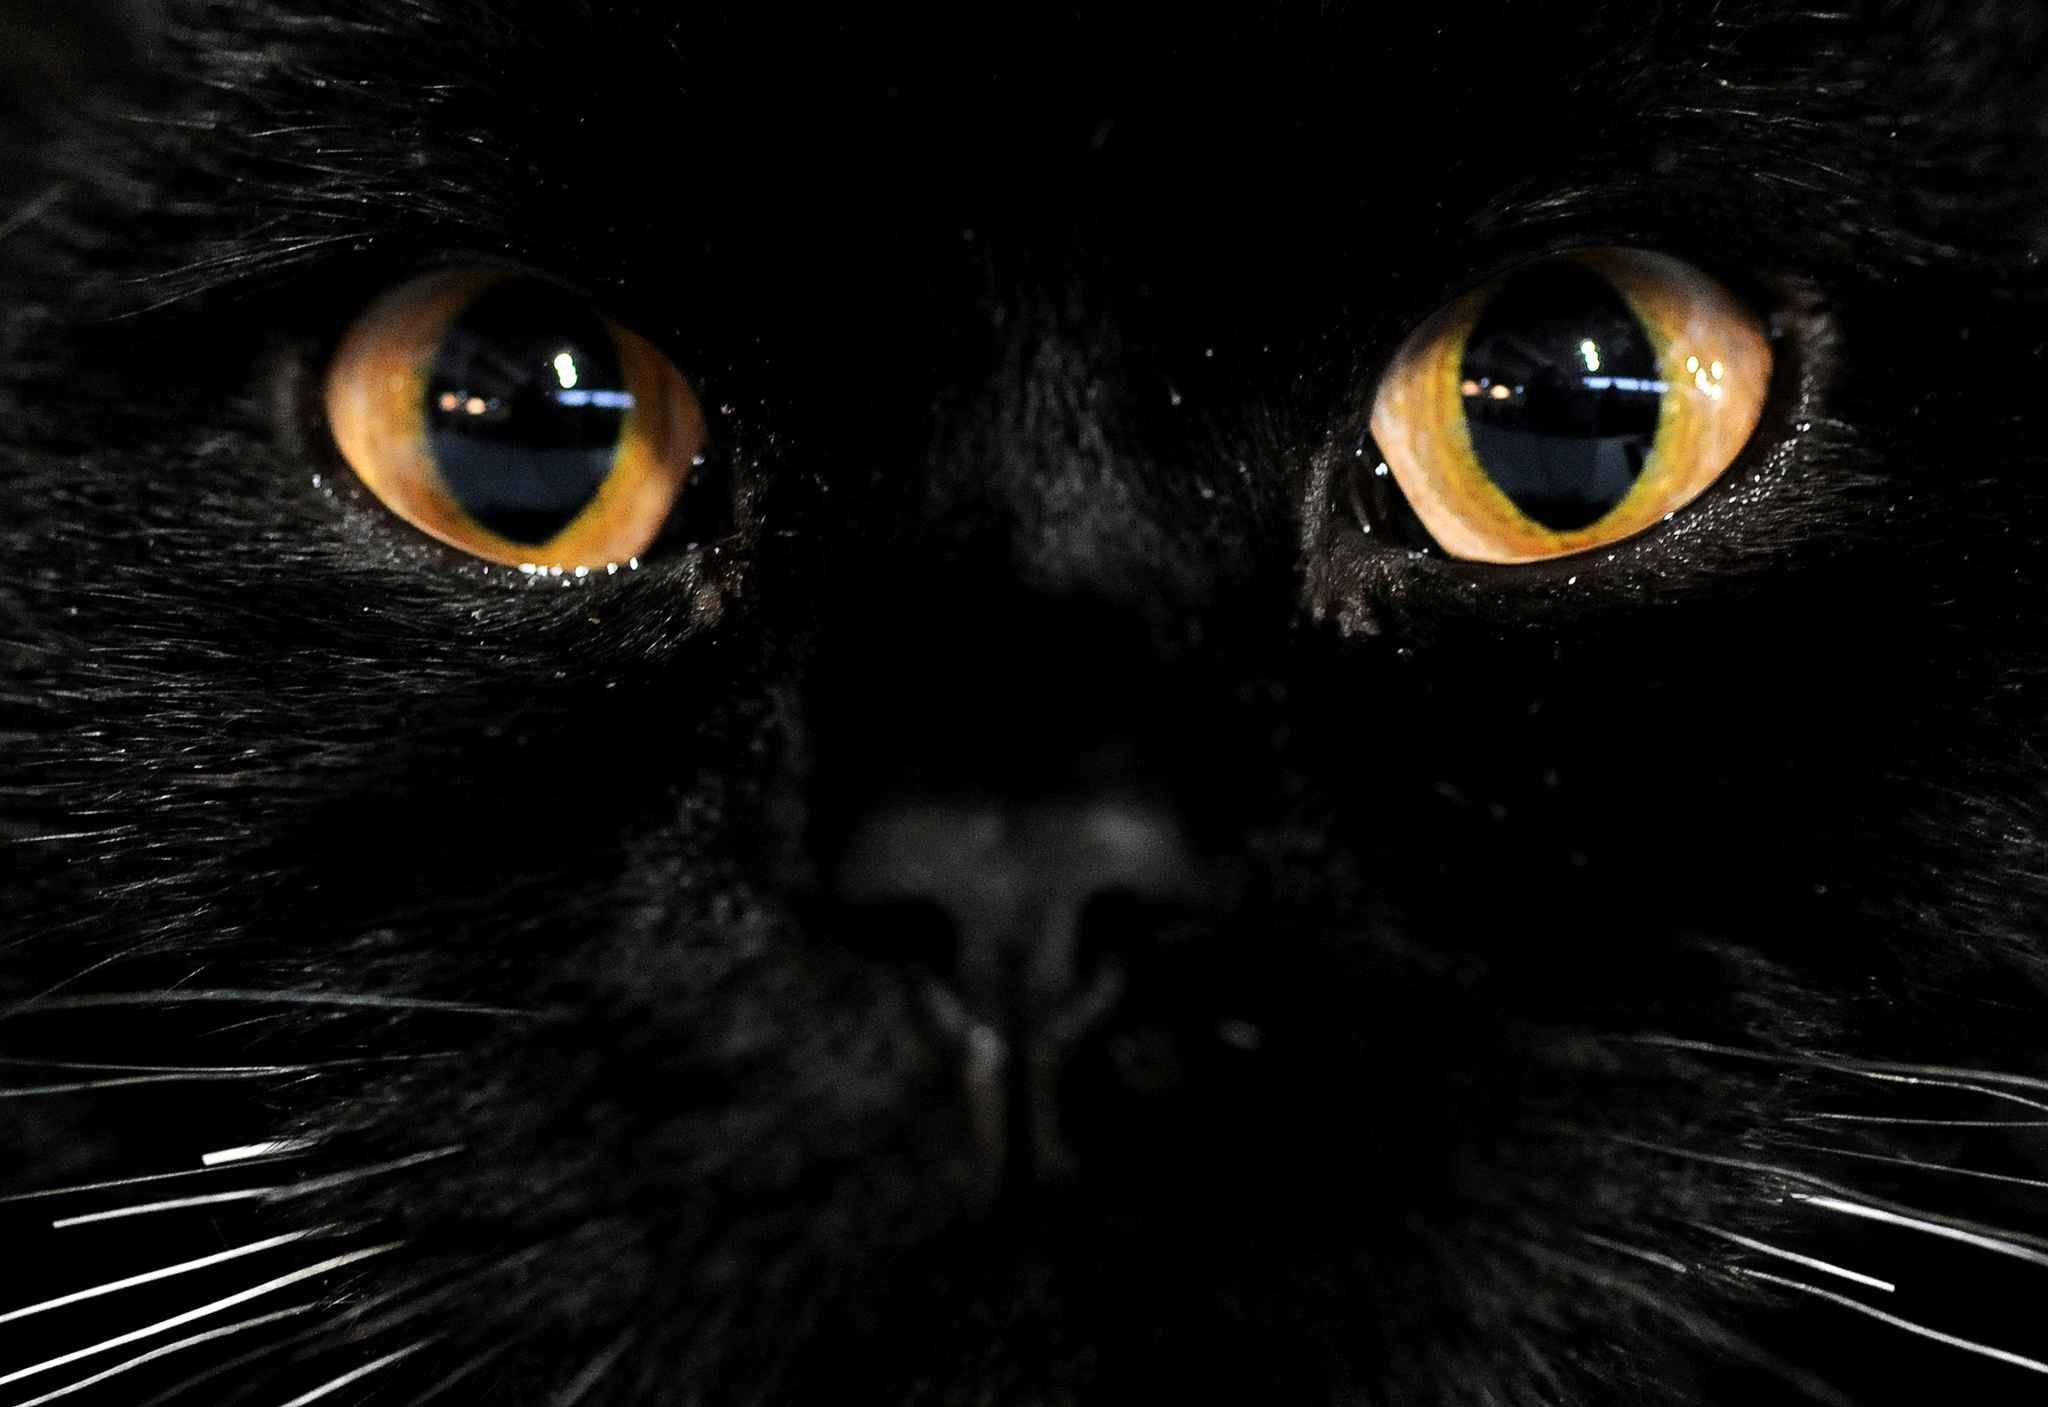 Black Cat With Pink Scary Eyes: Une Journée Internationale Pour Valoriser Les Chats Noirs